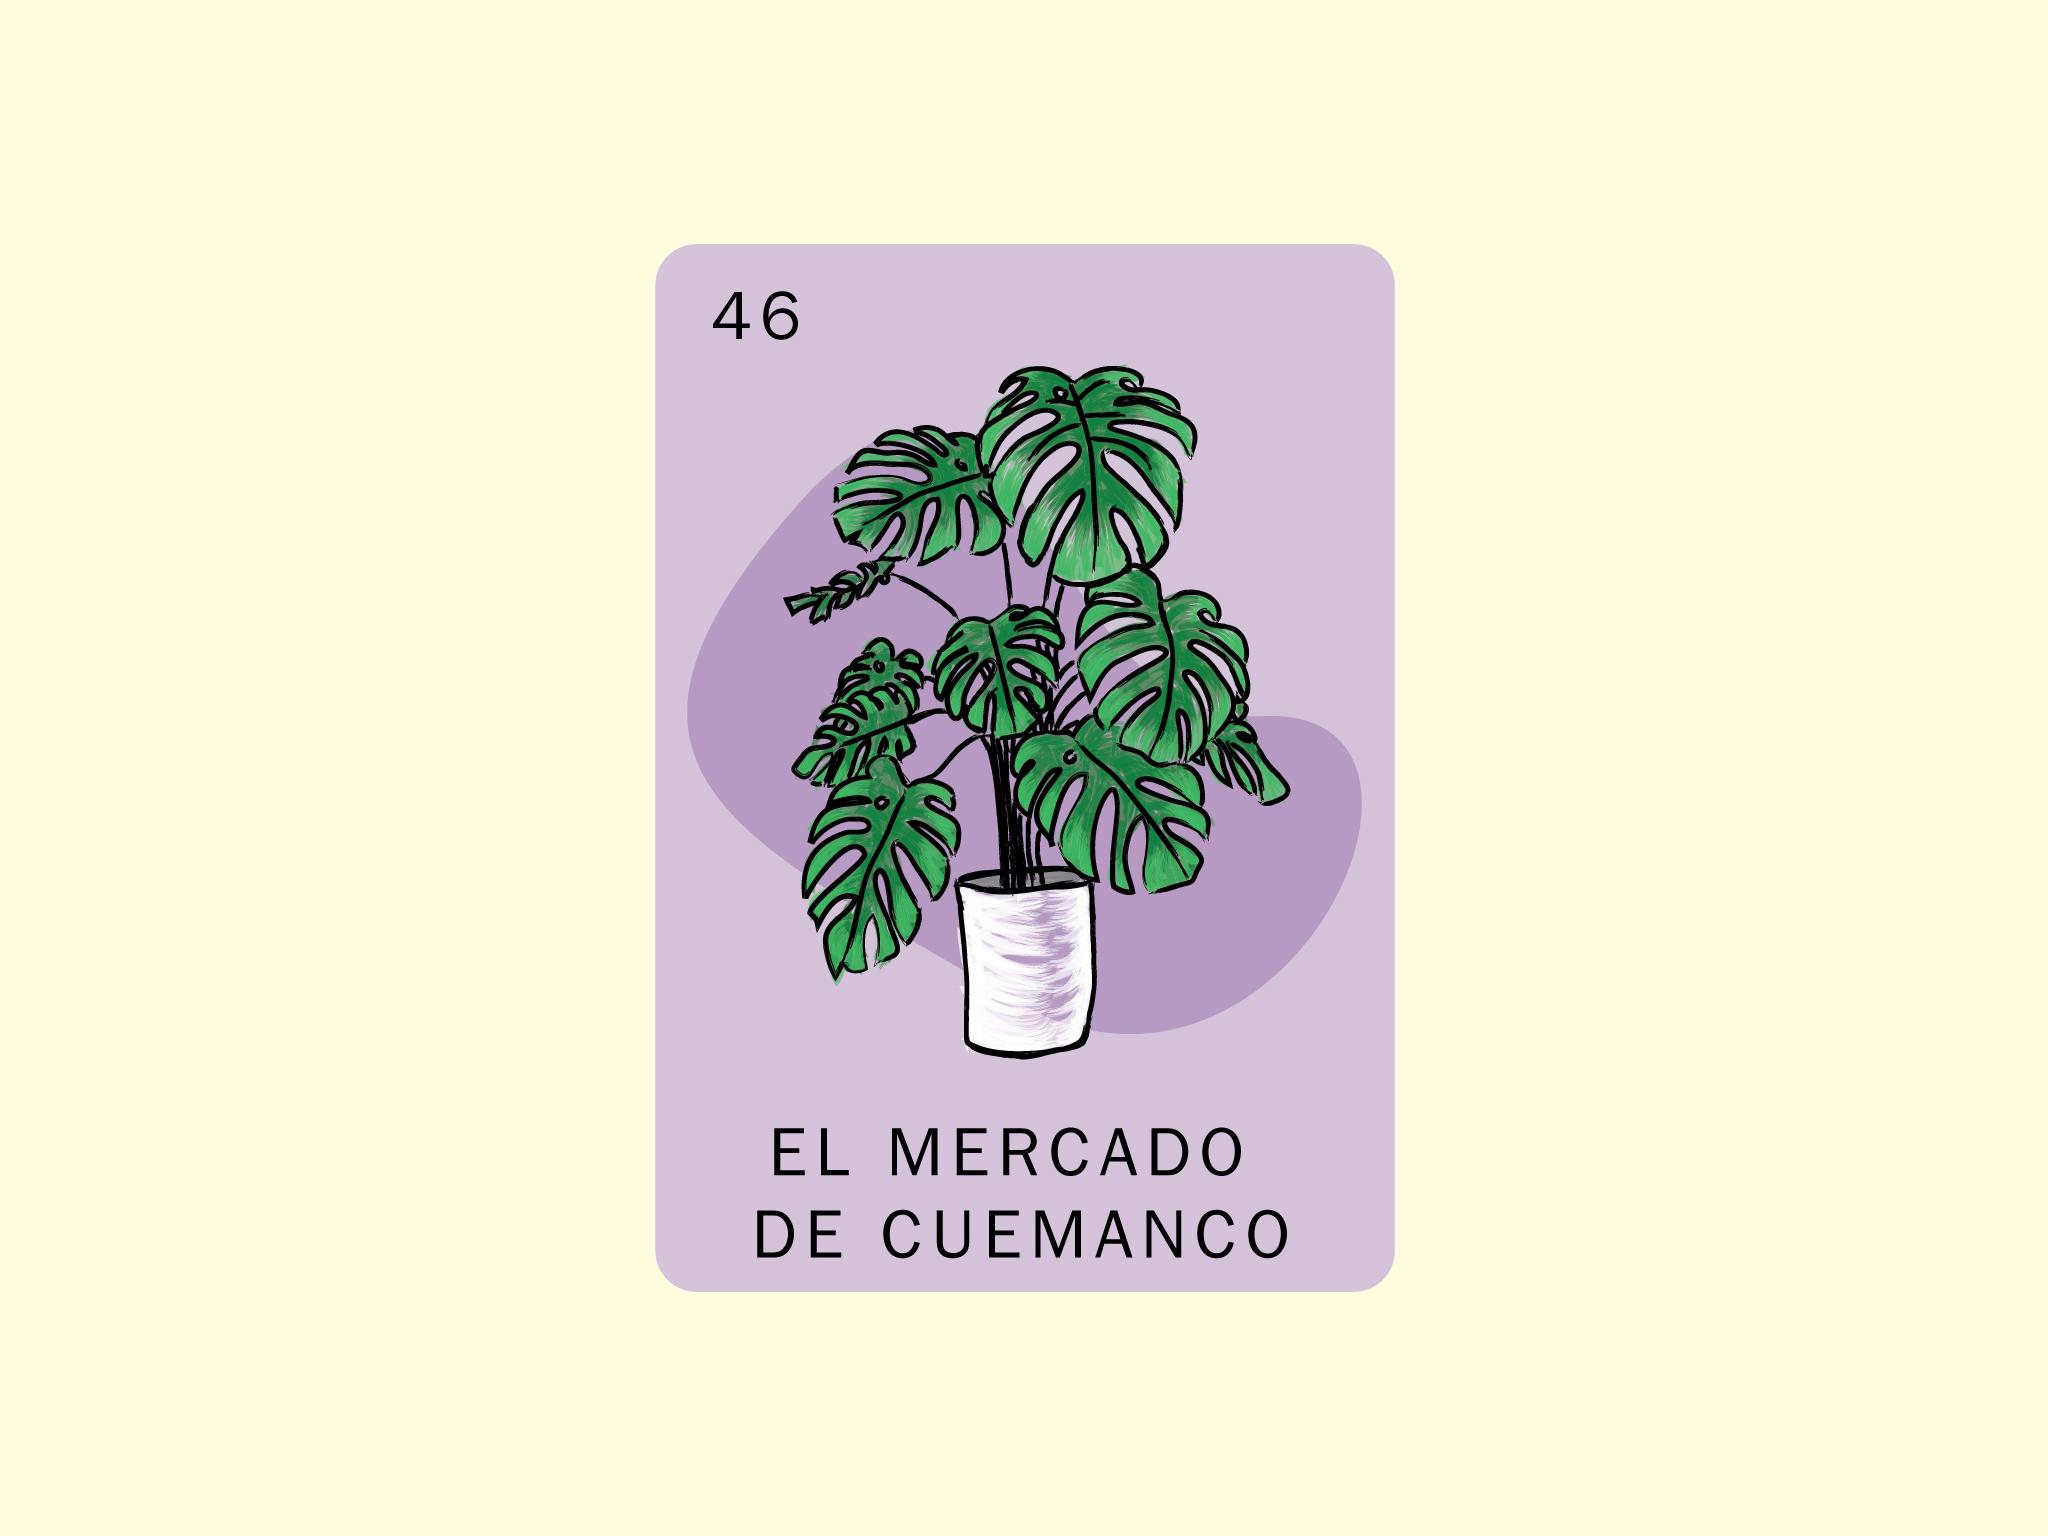 Ilustración de una planta con fondo morado